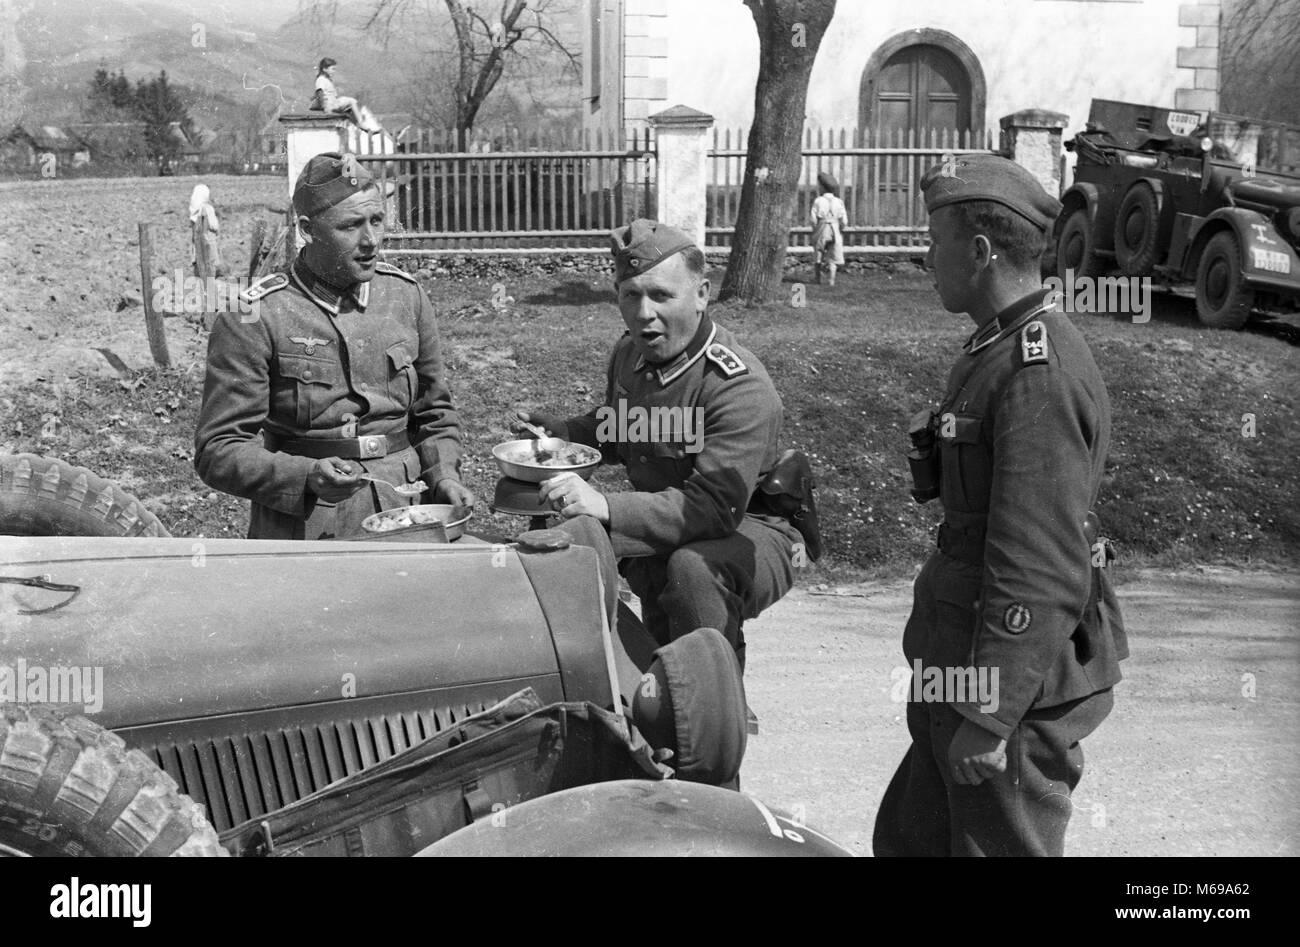 Les soldats de l'armée allemande de manger le déjeuner avec les enfants jouant dans l'arrière-plan lors de l'invasion de la Yougoslavie en avril 1941. Banque D'Images